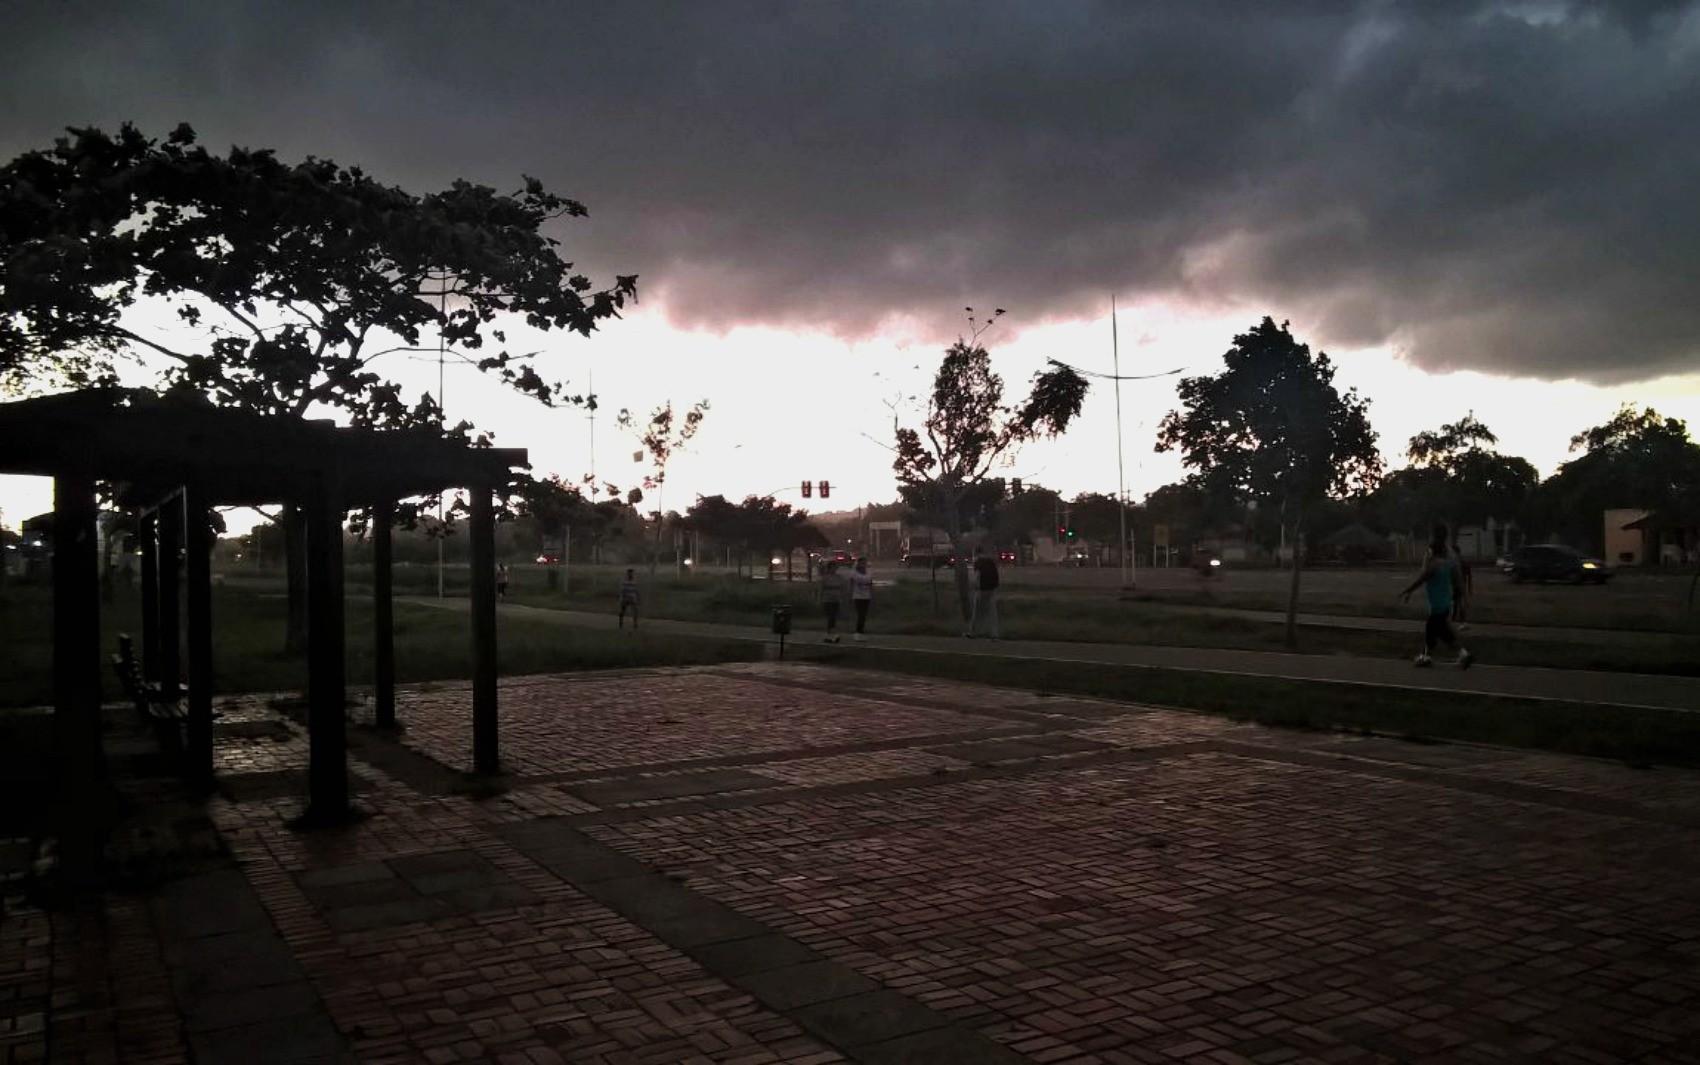 Instabilidade se espalha em todo o Acre e chuvas são esperadas nesta sexta (18) - Notícias - Plantão Diário